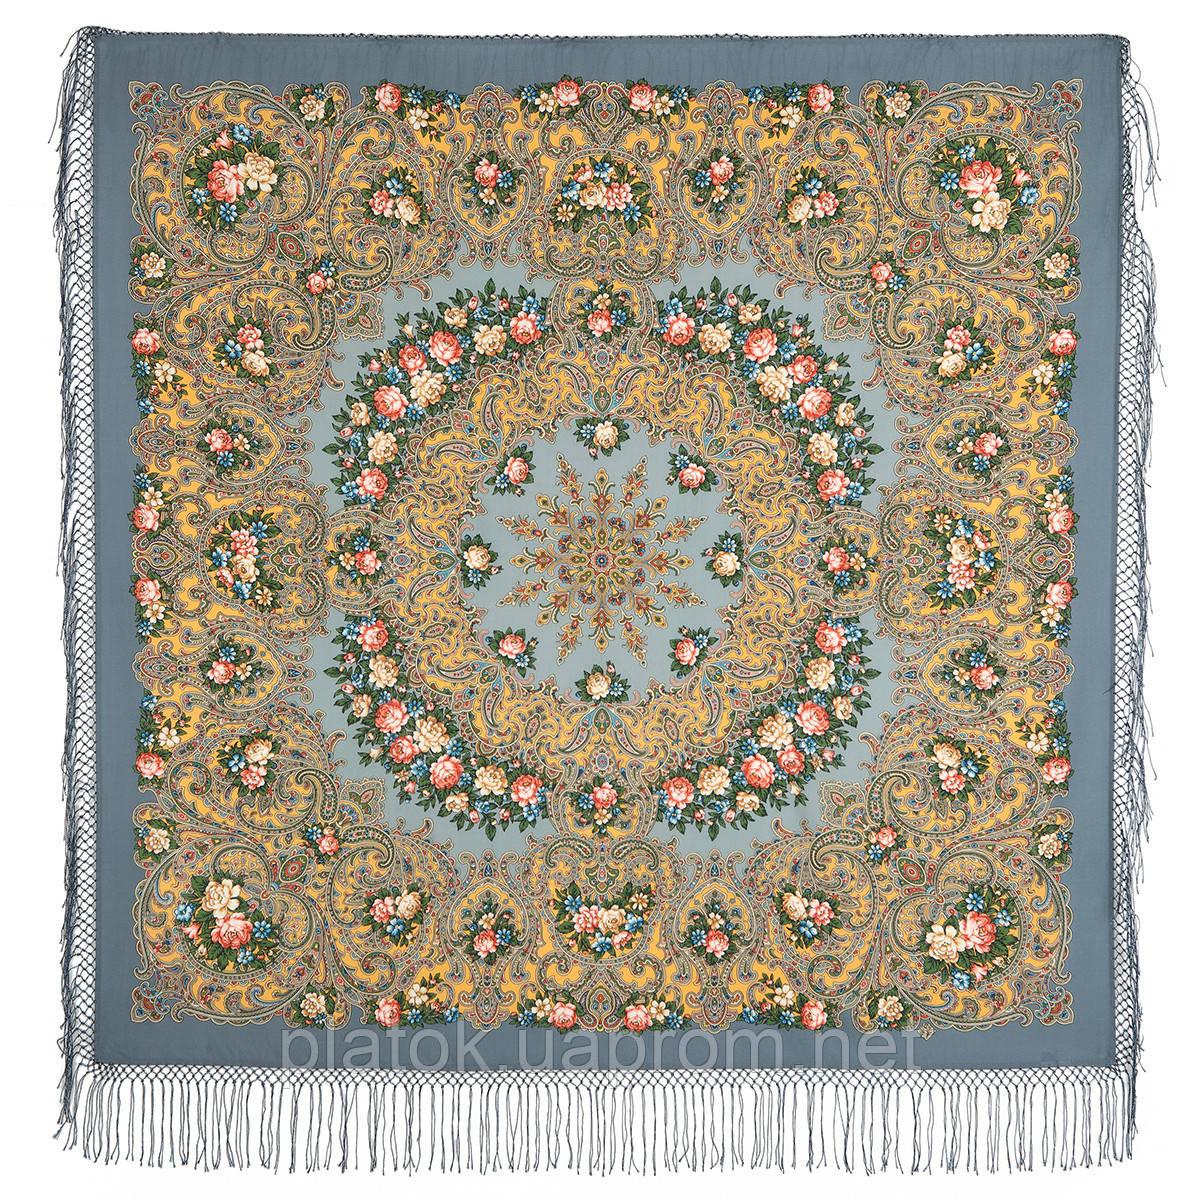 Жизель 1783-10, павлопосадский платок шерстяной (двуниточная шерсть) с шелковой вязаной бахромой